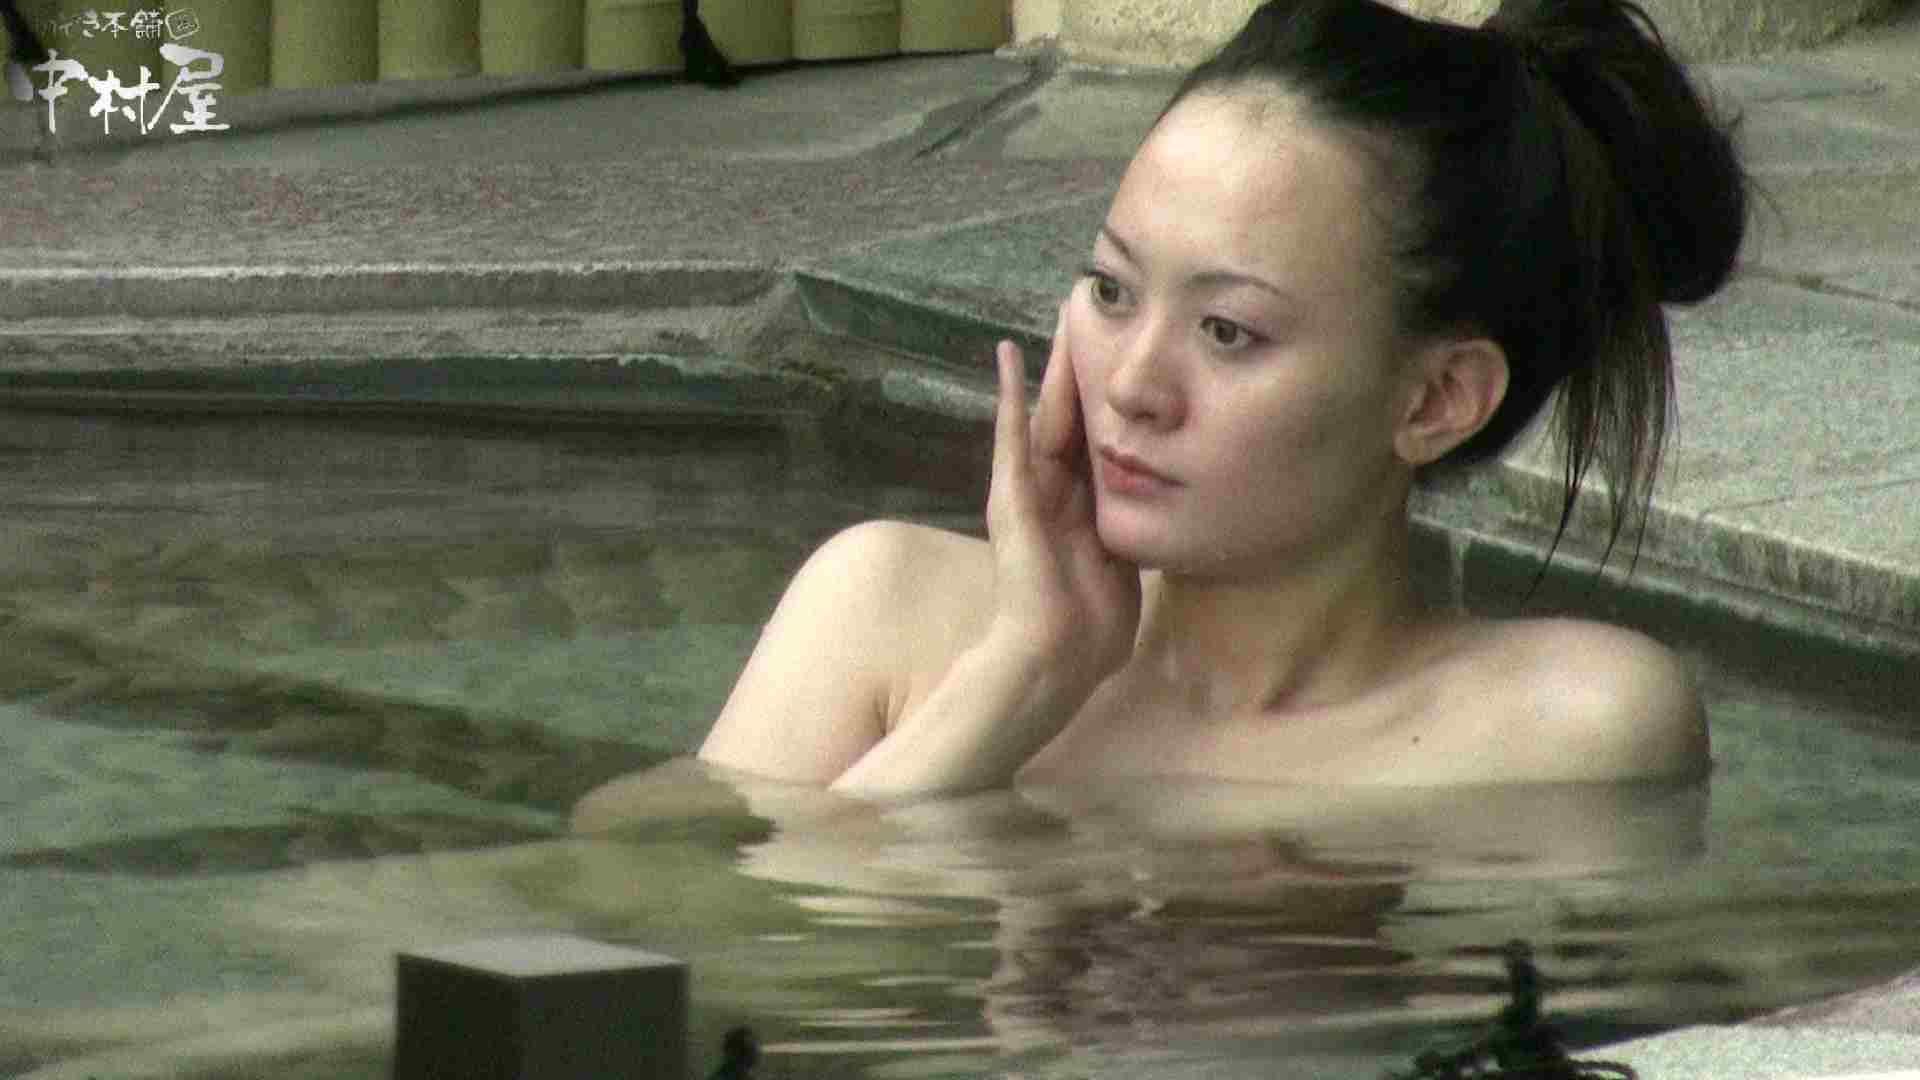 Aquaな露天風呂Vol.900 盗撮シリーズ  110PIX 42